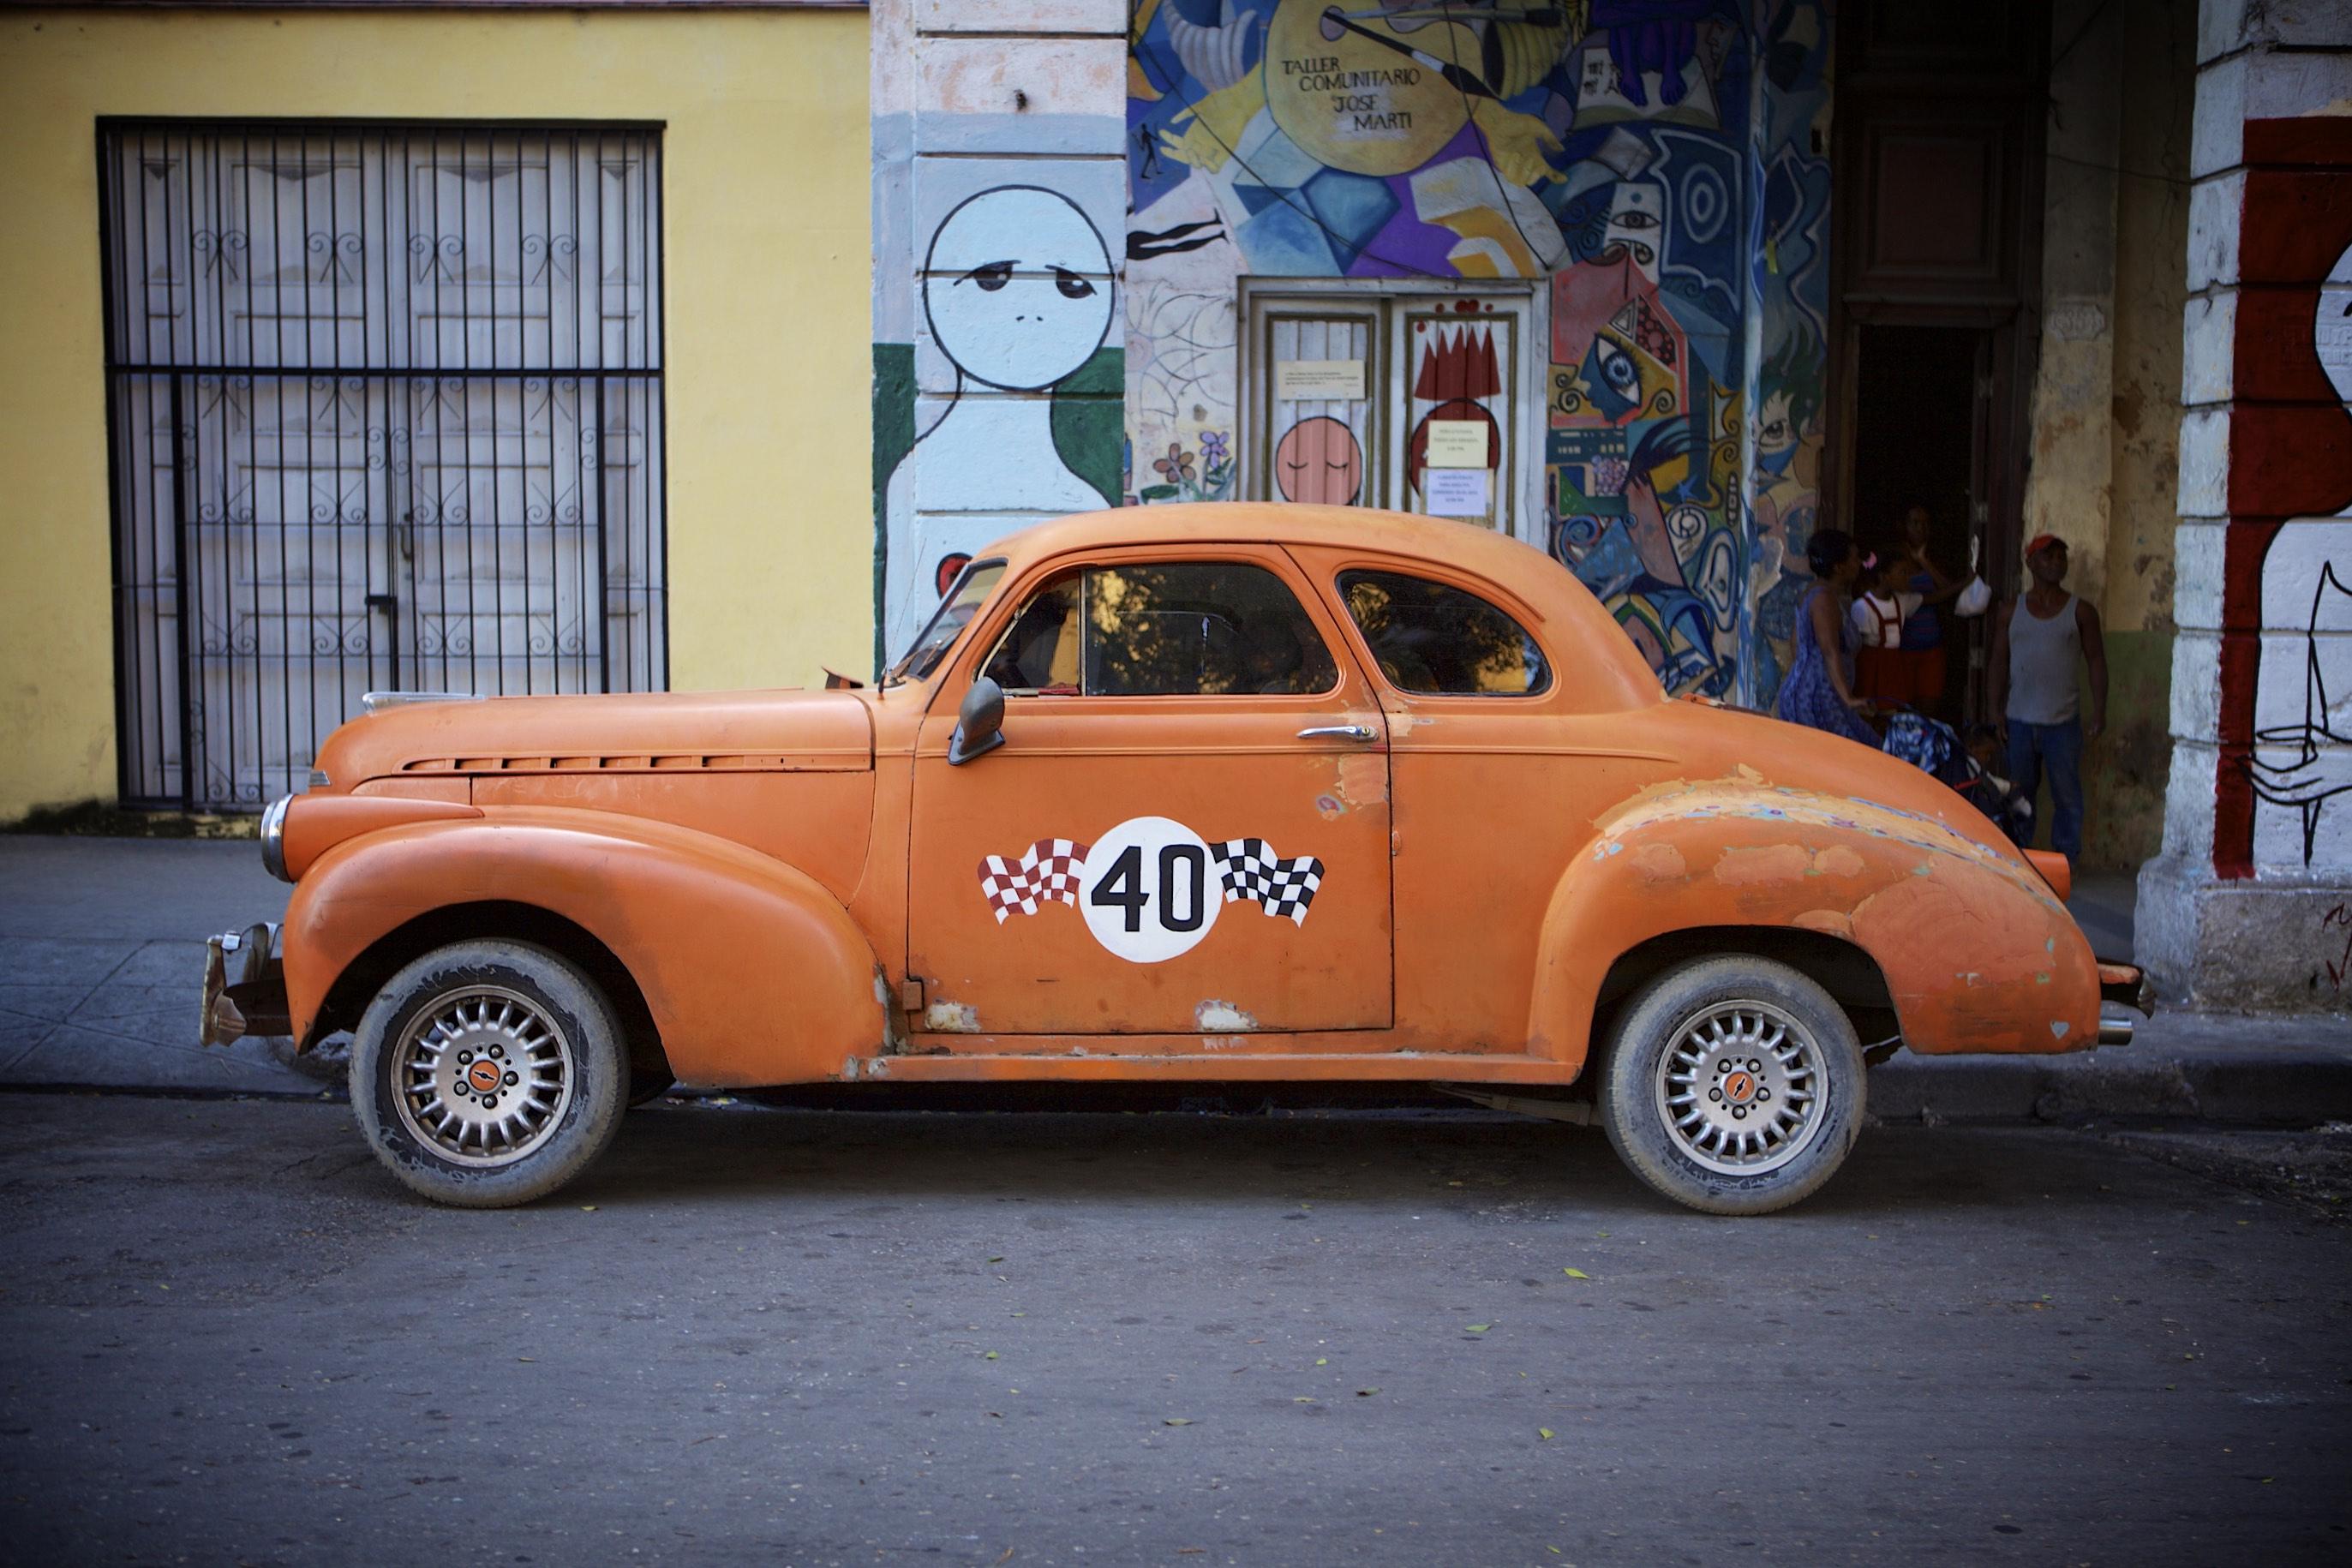 Orange Cab #40